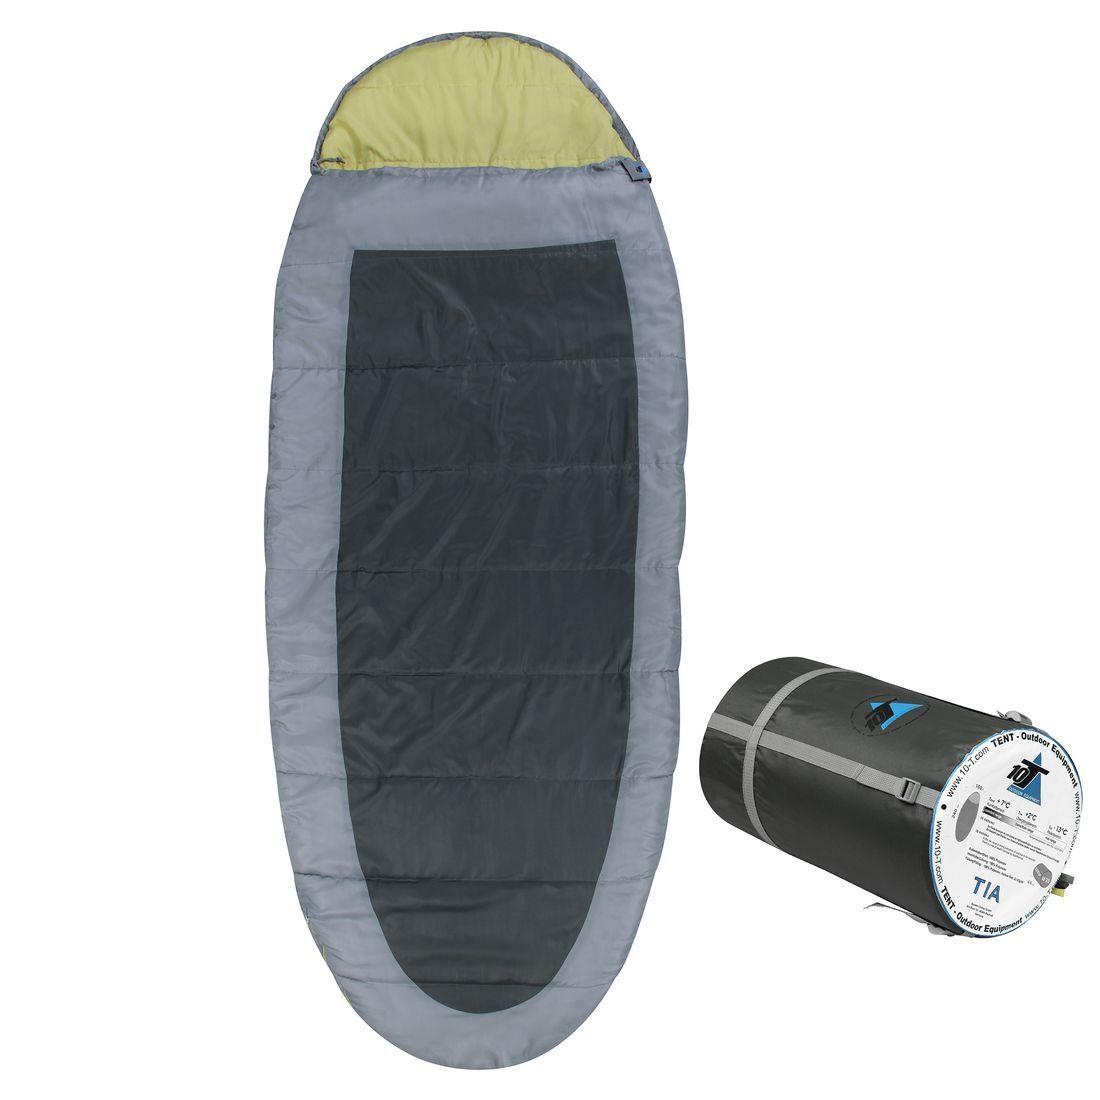 Sleeping Bag TIA -13° Egg-Form Mummy Sleeping Bag 240x100 Grey   Green